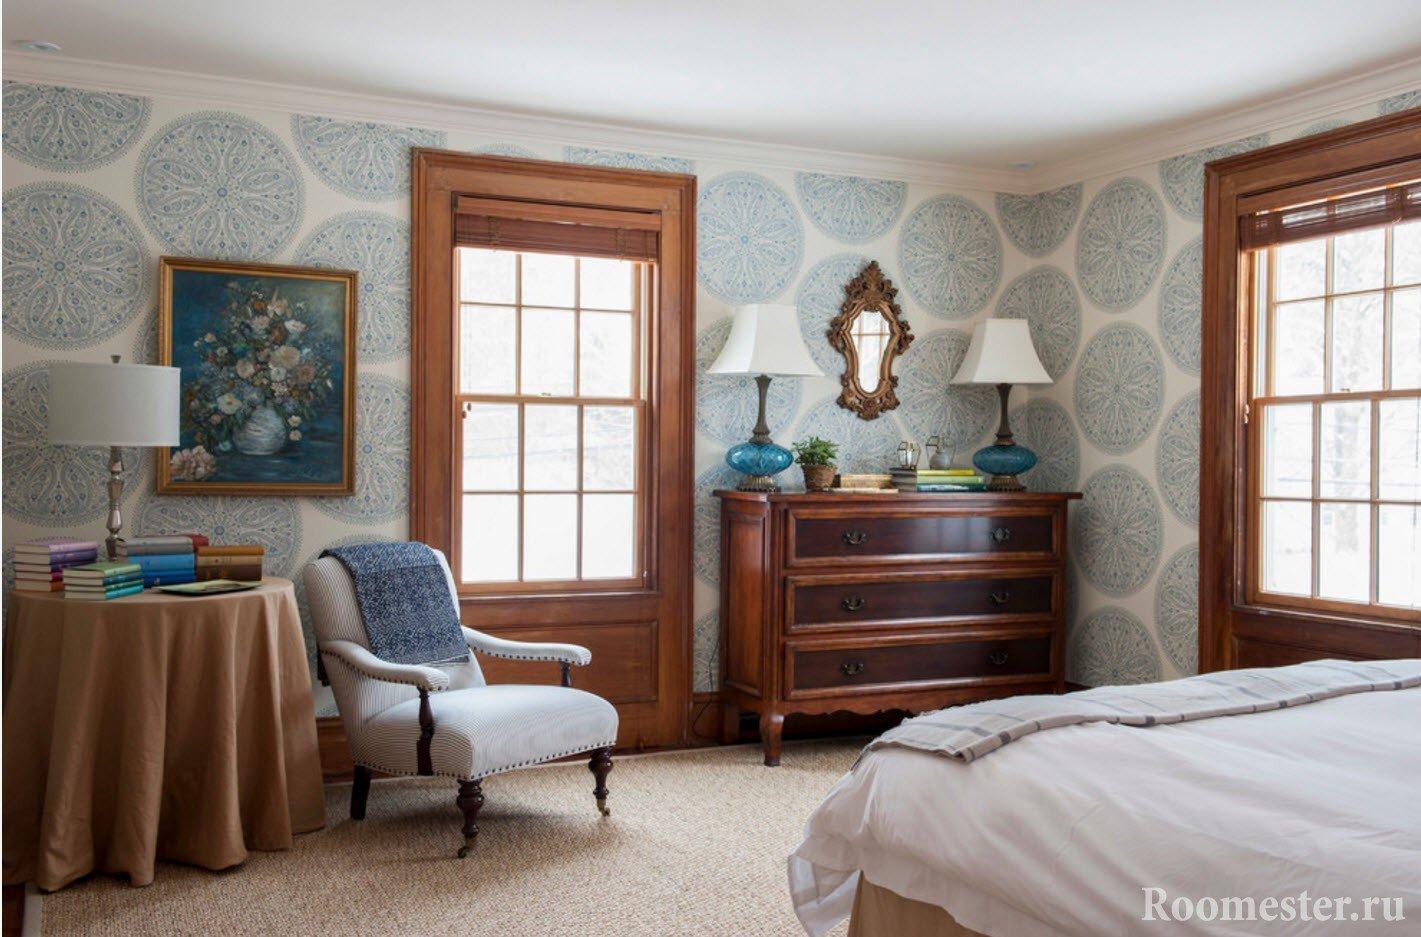 Голубые обои с орнаментом в спальне